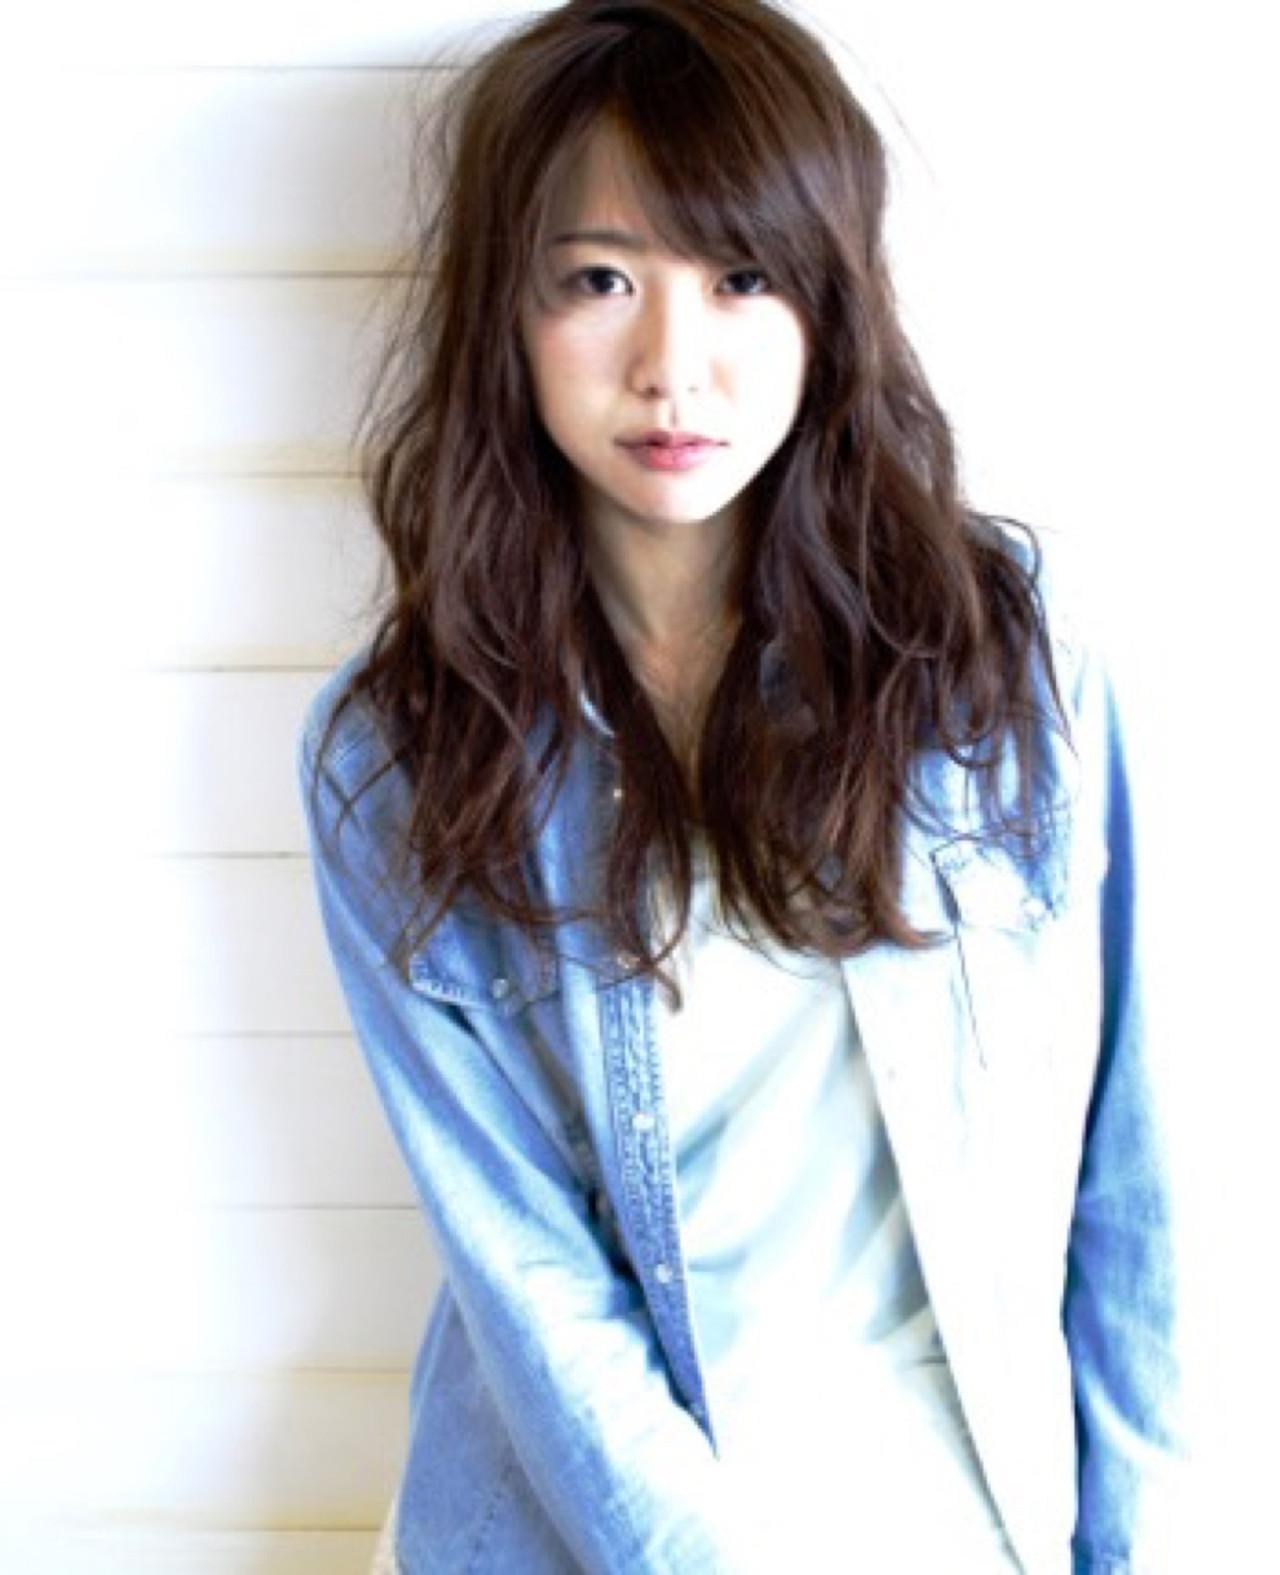 カジュアルガーリーロング☆ 毛先の束感が出やすいカジュアル感のあるウェーブスタイル☆ ザックリ乾かすスタイリングを楽しめます。